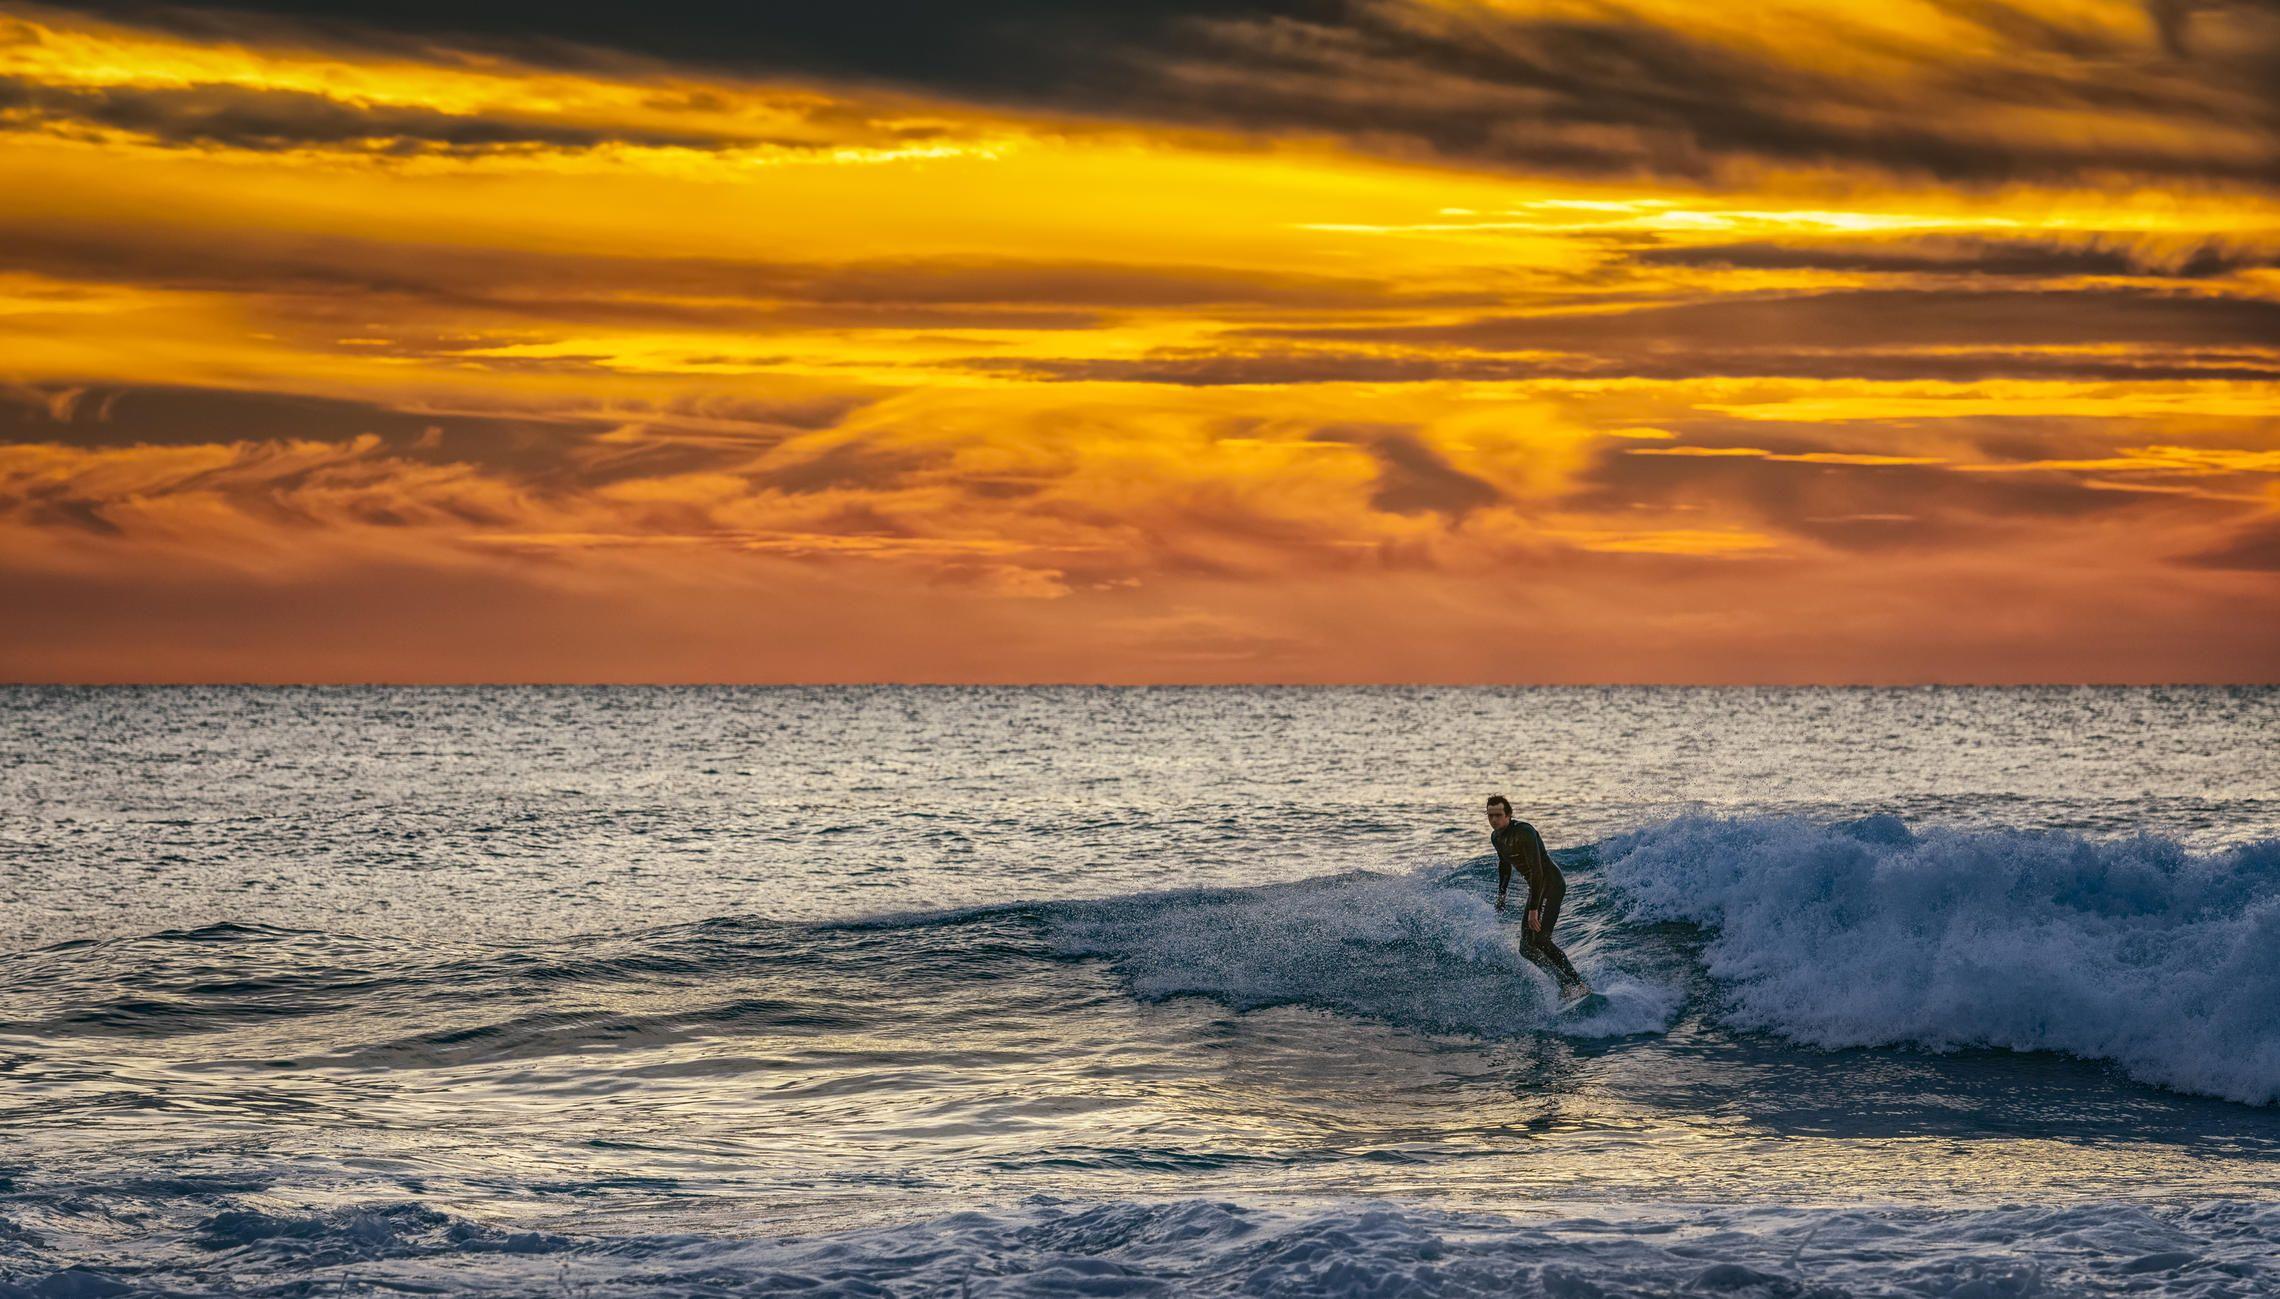 океан, волны, серфер, закат, Alexandr Bezmolitvenny